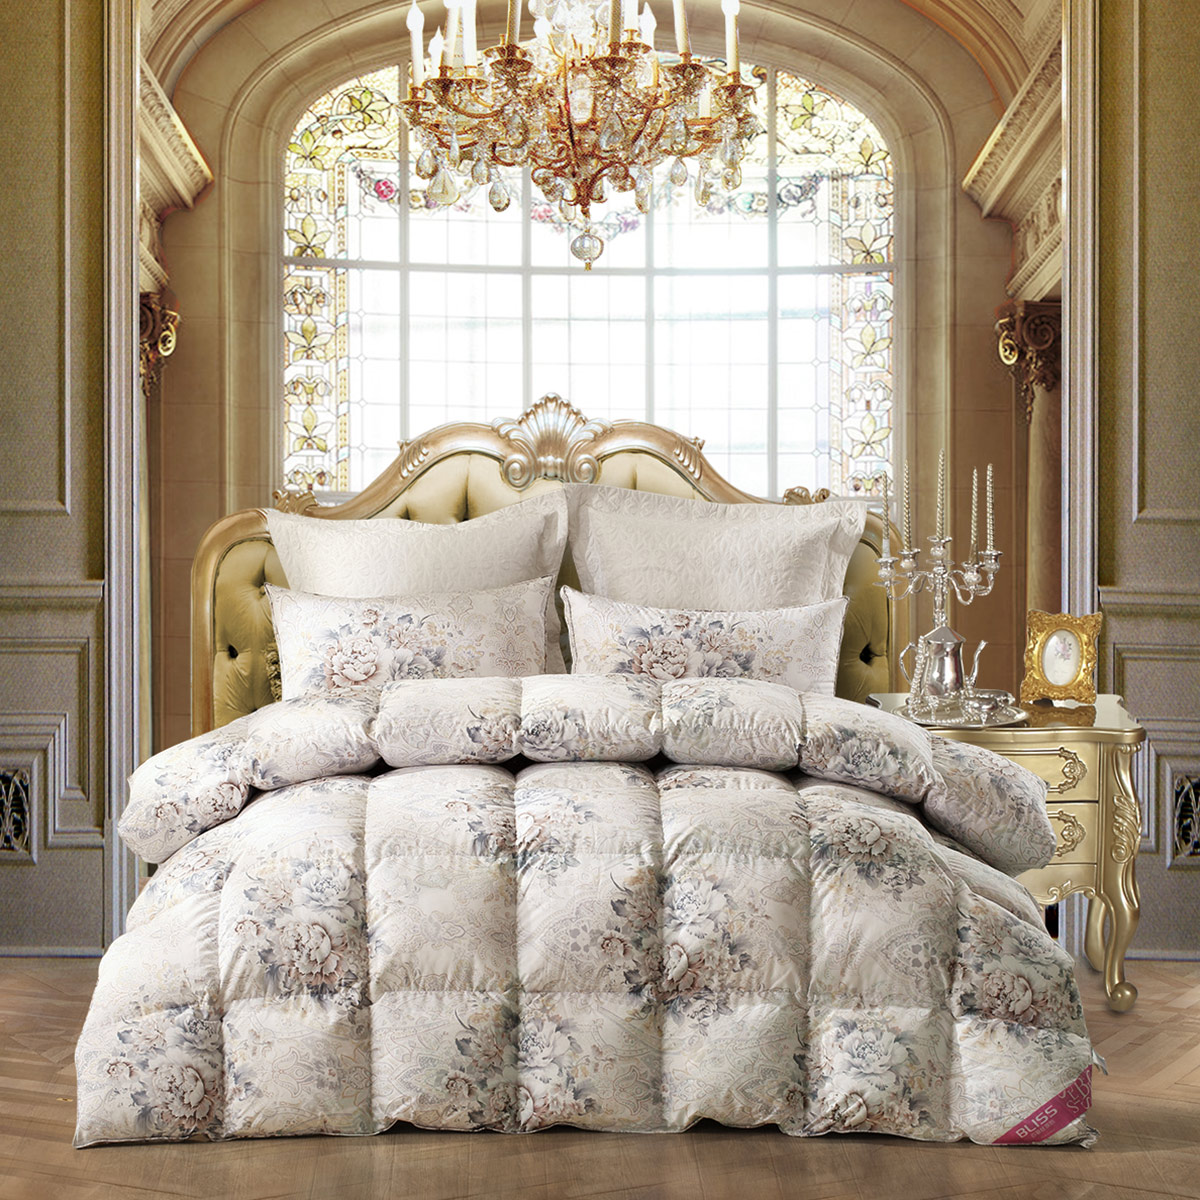 百丽丝家纺 水星出品 艾琳90羽绒被床上用品保暖羽绒被芯